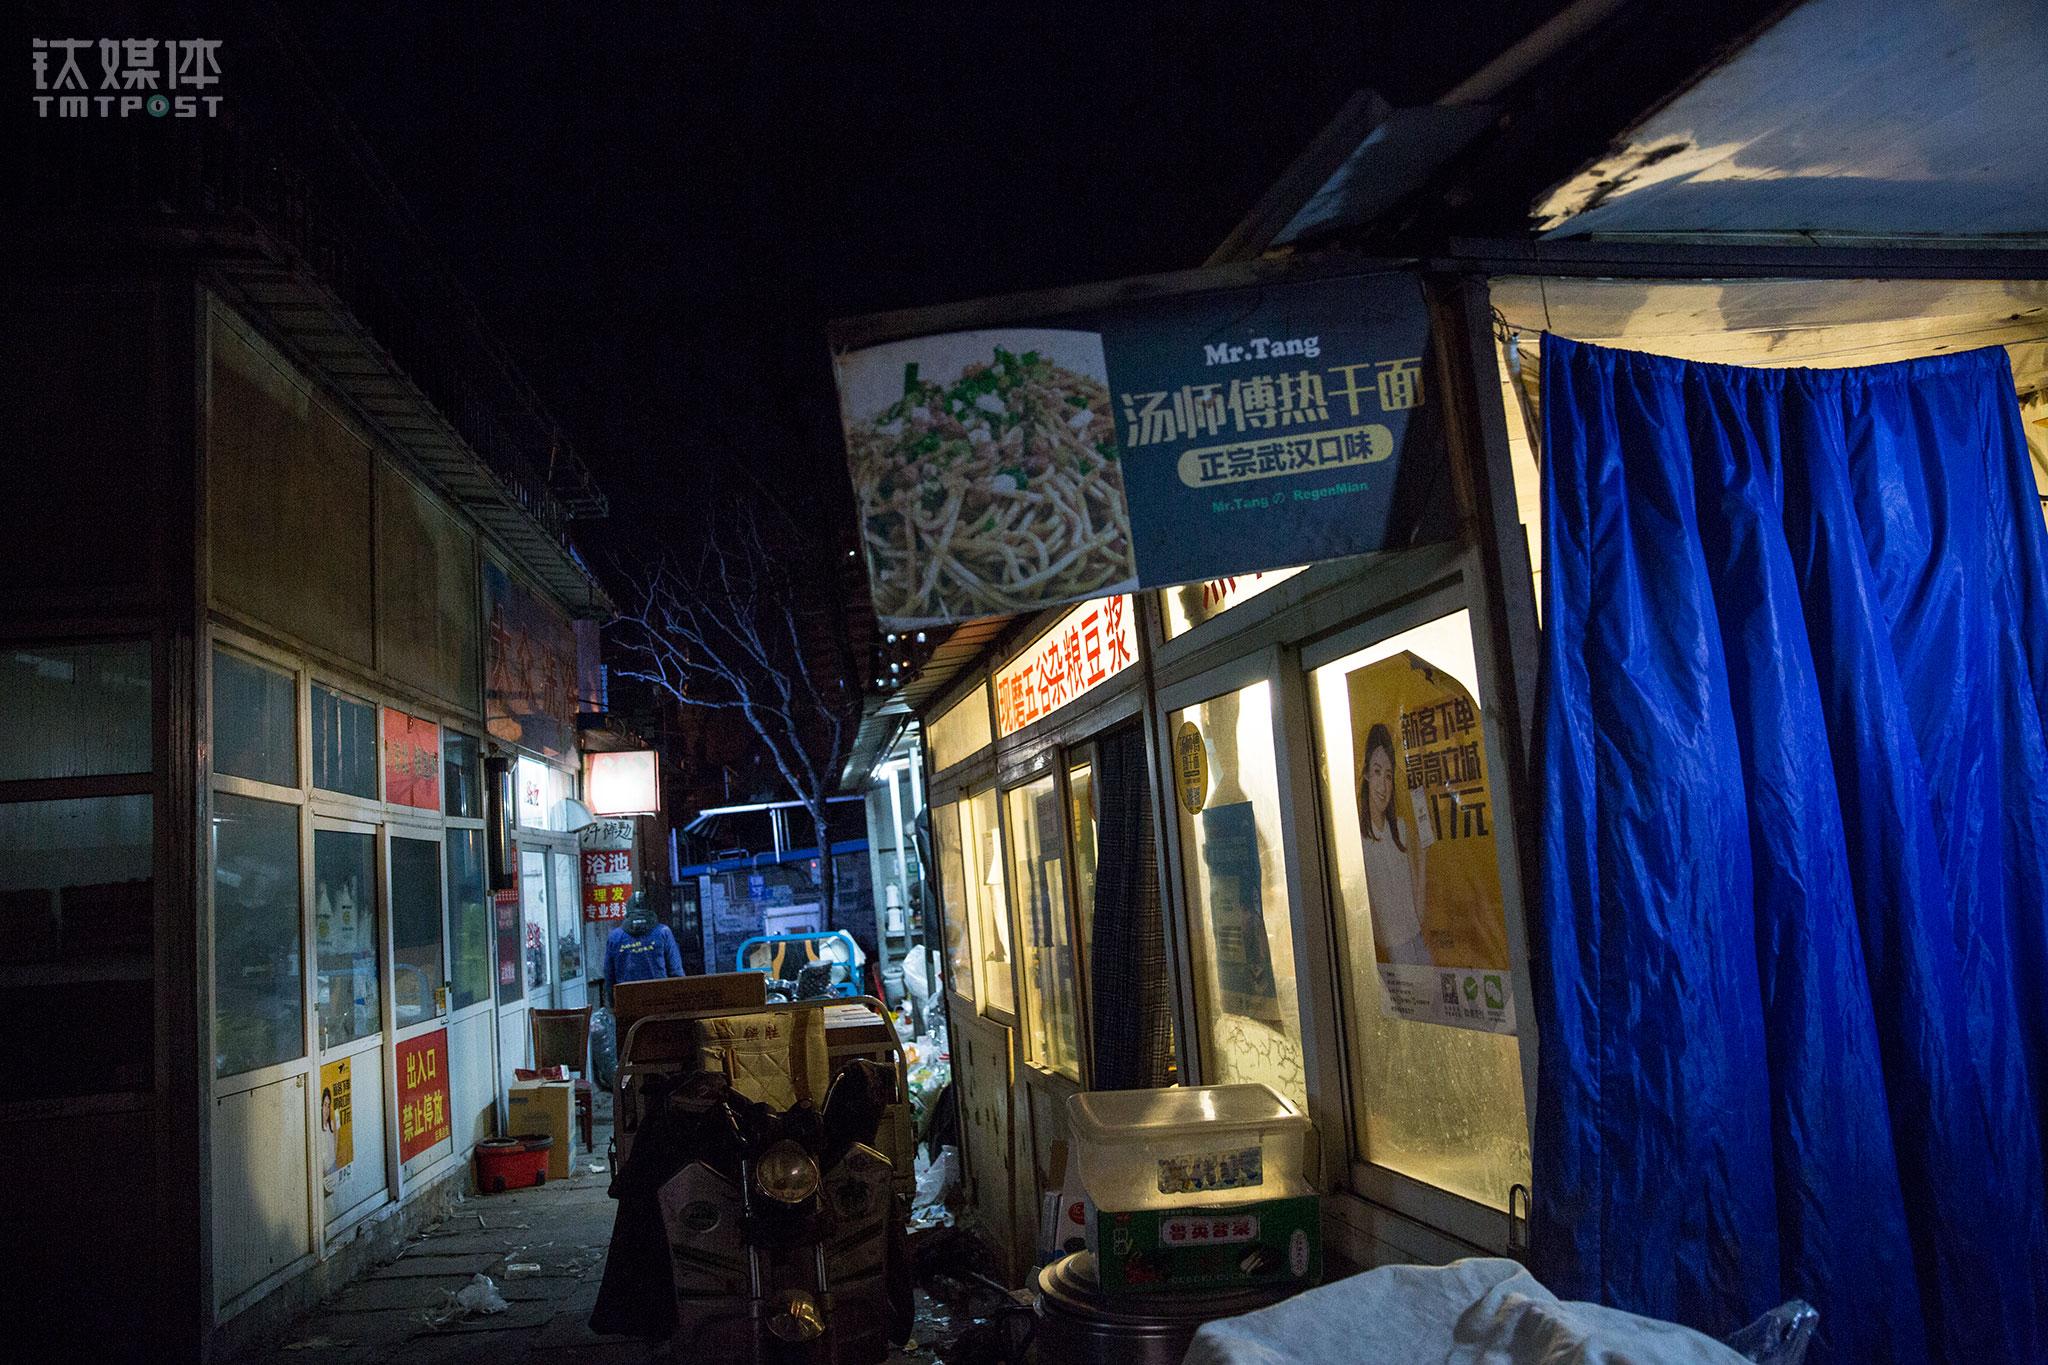 汤师傅热干面的创业起始于北京大黄庄的一条巷子。2016年,在汤怀建议下,老汤夫妇来到北京准备做面馆。汤怀建议做外卖,找环境很好的店面,而老汤觉得要先用一个低成本的方式做市场调查,于是他花了几天时间在大黄庄寻找,找到了一间月租一千多的简陋店面,开启了汤师傅热干面。